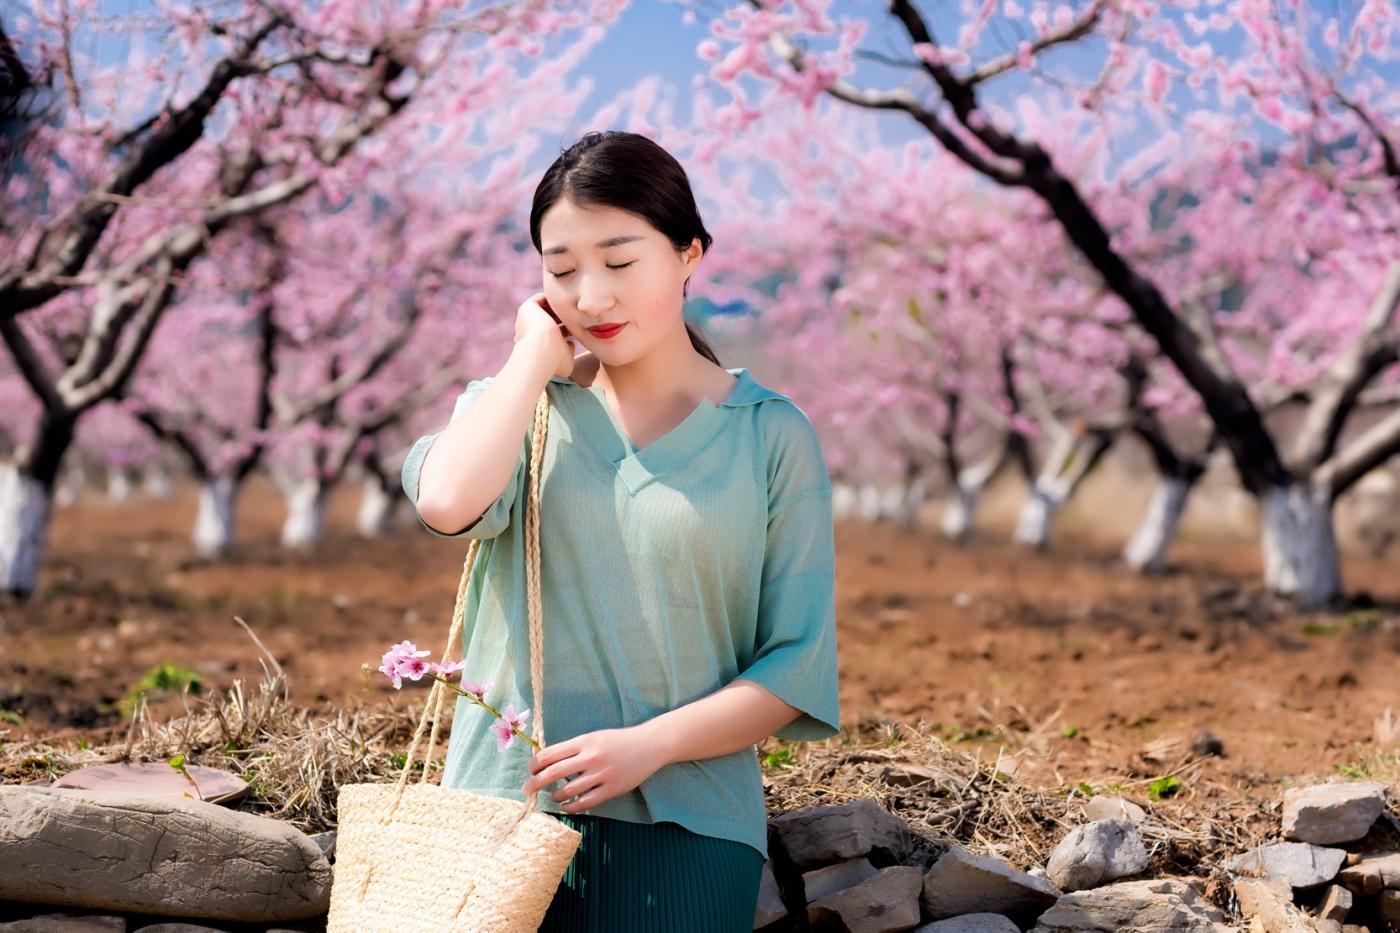 清明时节踏春的临沂女孩们_图1-22